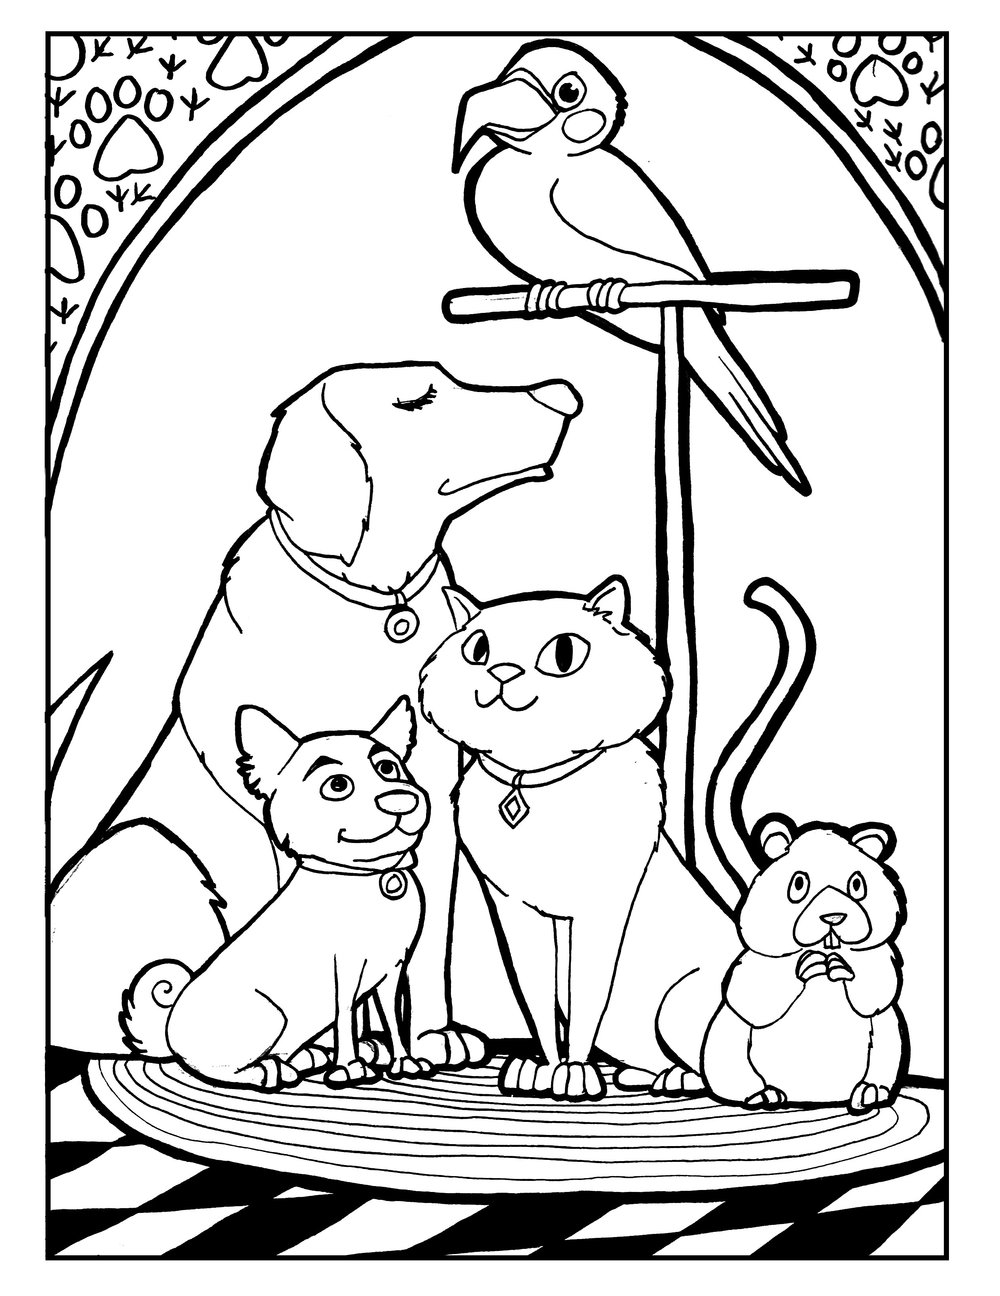 Pet Tales_BayWeekly.jpg